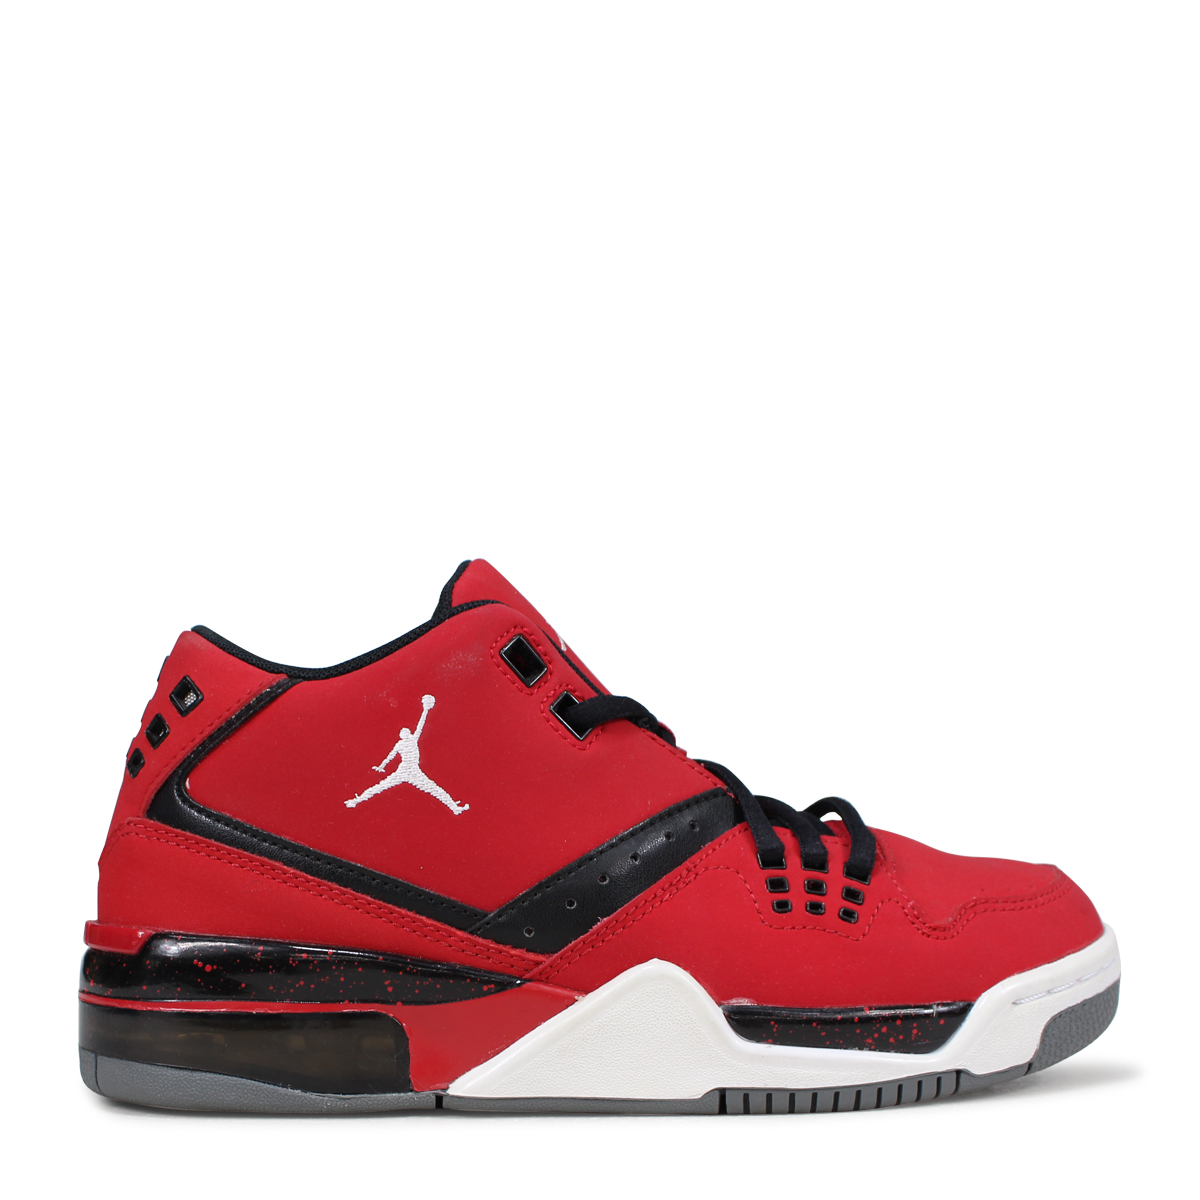 d41e6585250a NIKE AIR JORDAN FLIGHT 23 BG Nike Air Jordan flight Lady s sneakers  317